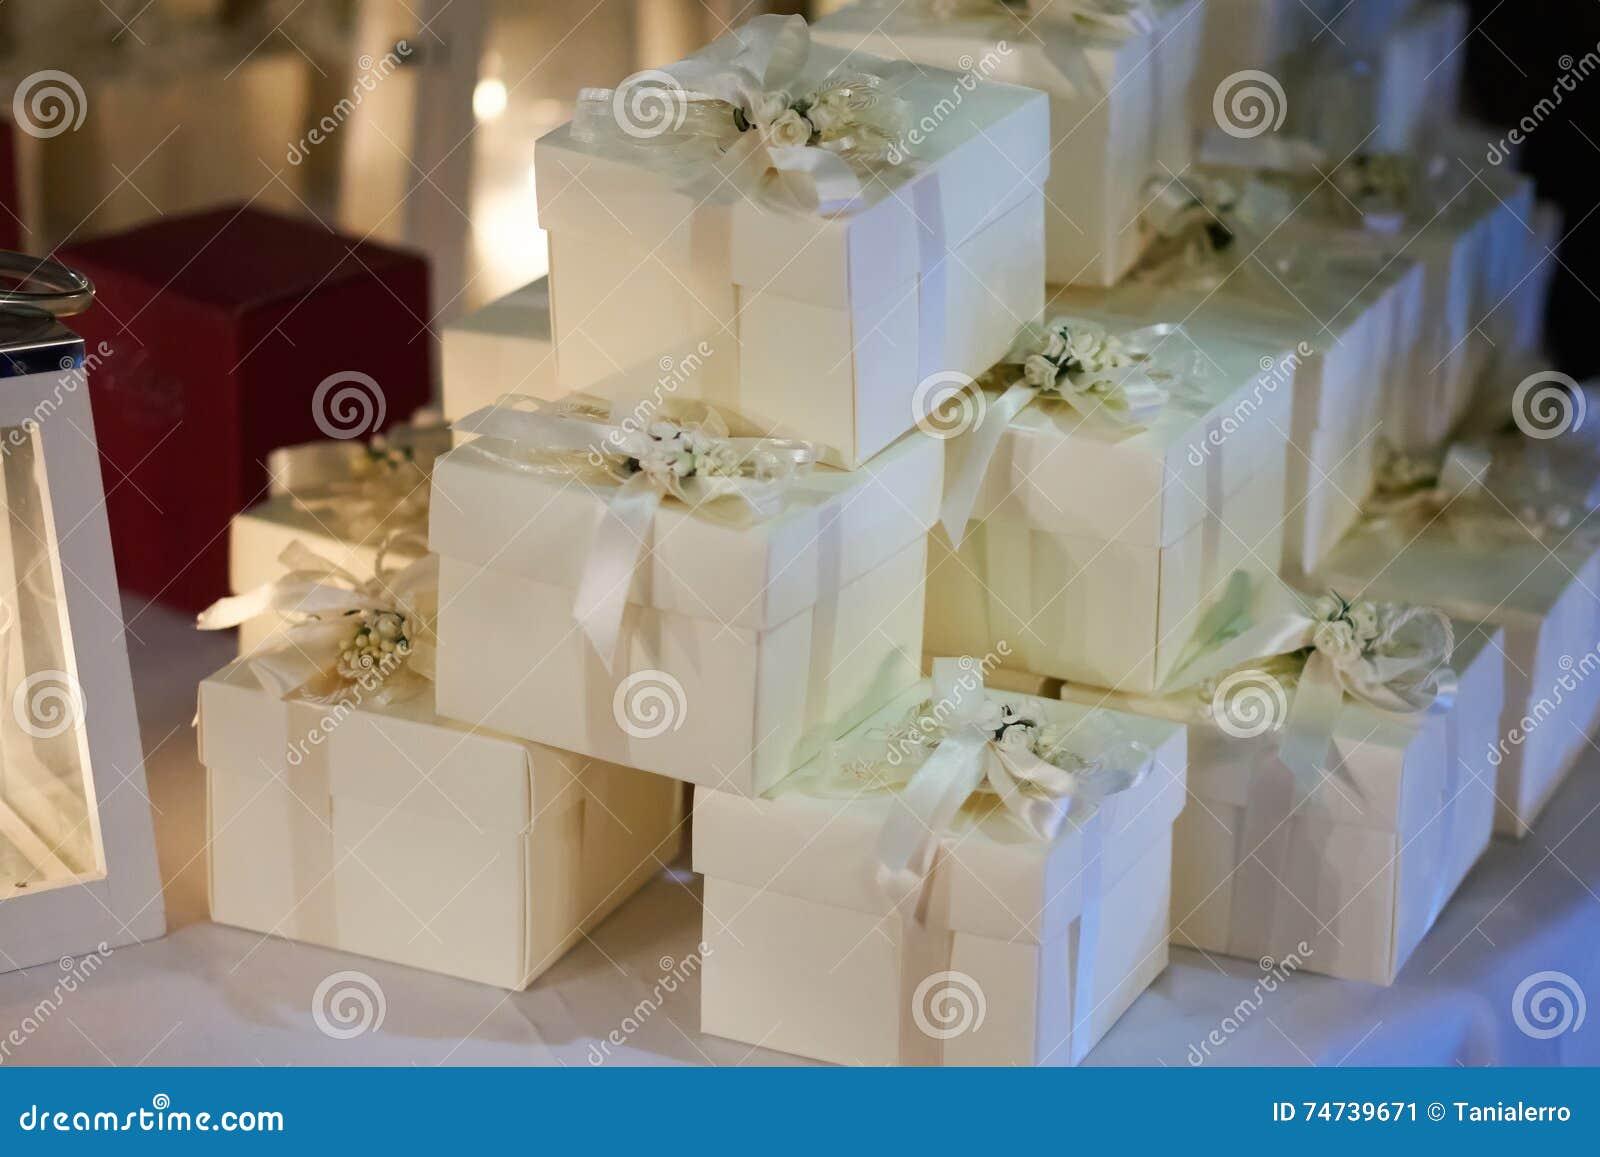 Hochzeitsbevorzugungen Fur Gast Stockbild Bild Von Zeremonie Gast